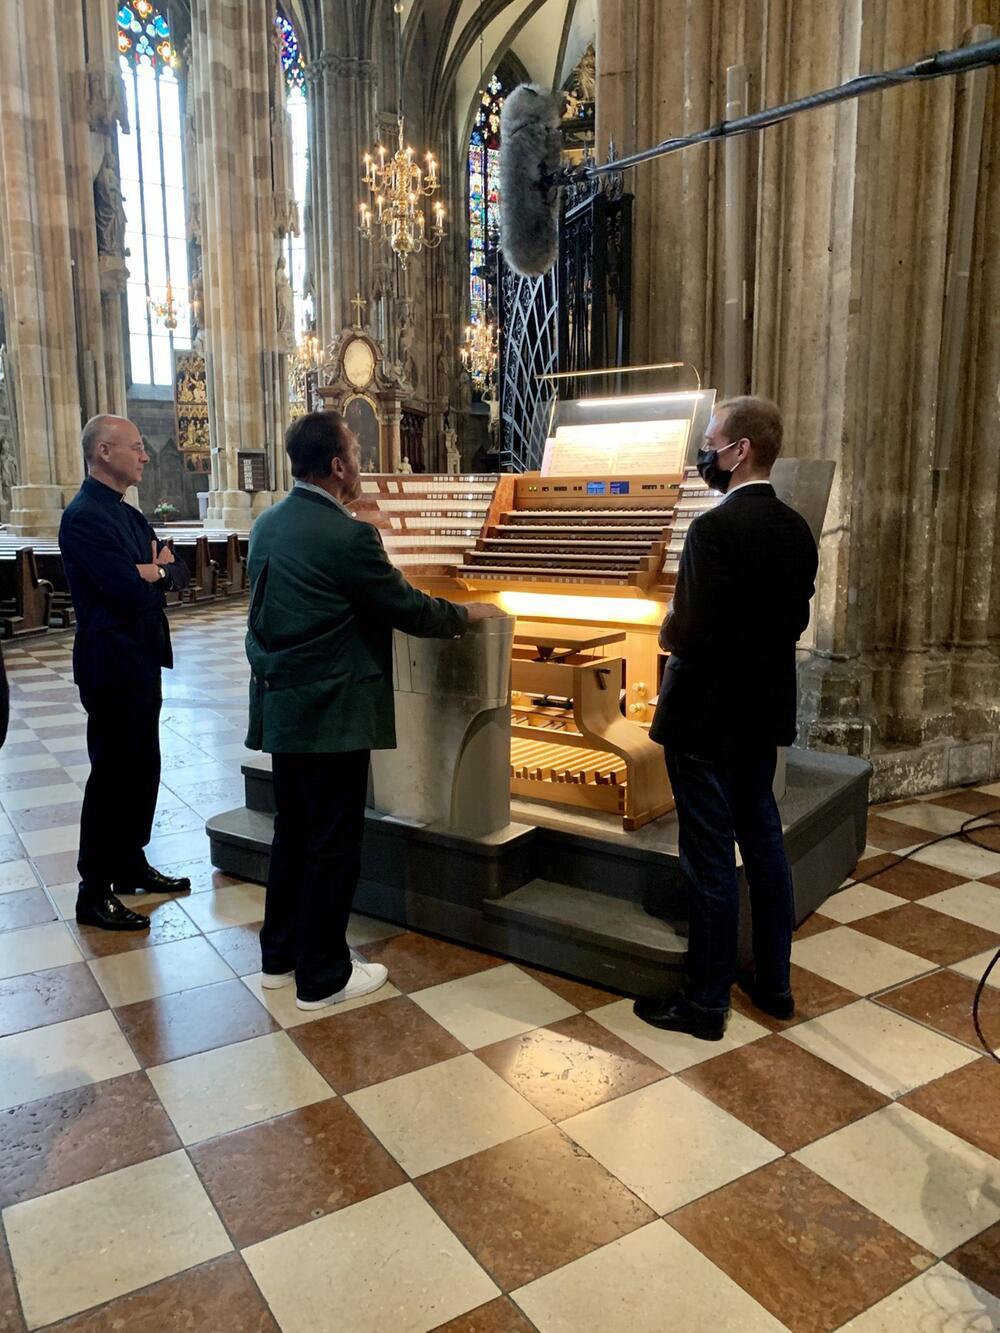 Arnold Schwarzenegger spielt Orgel in Wien